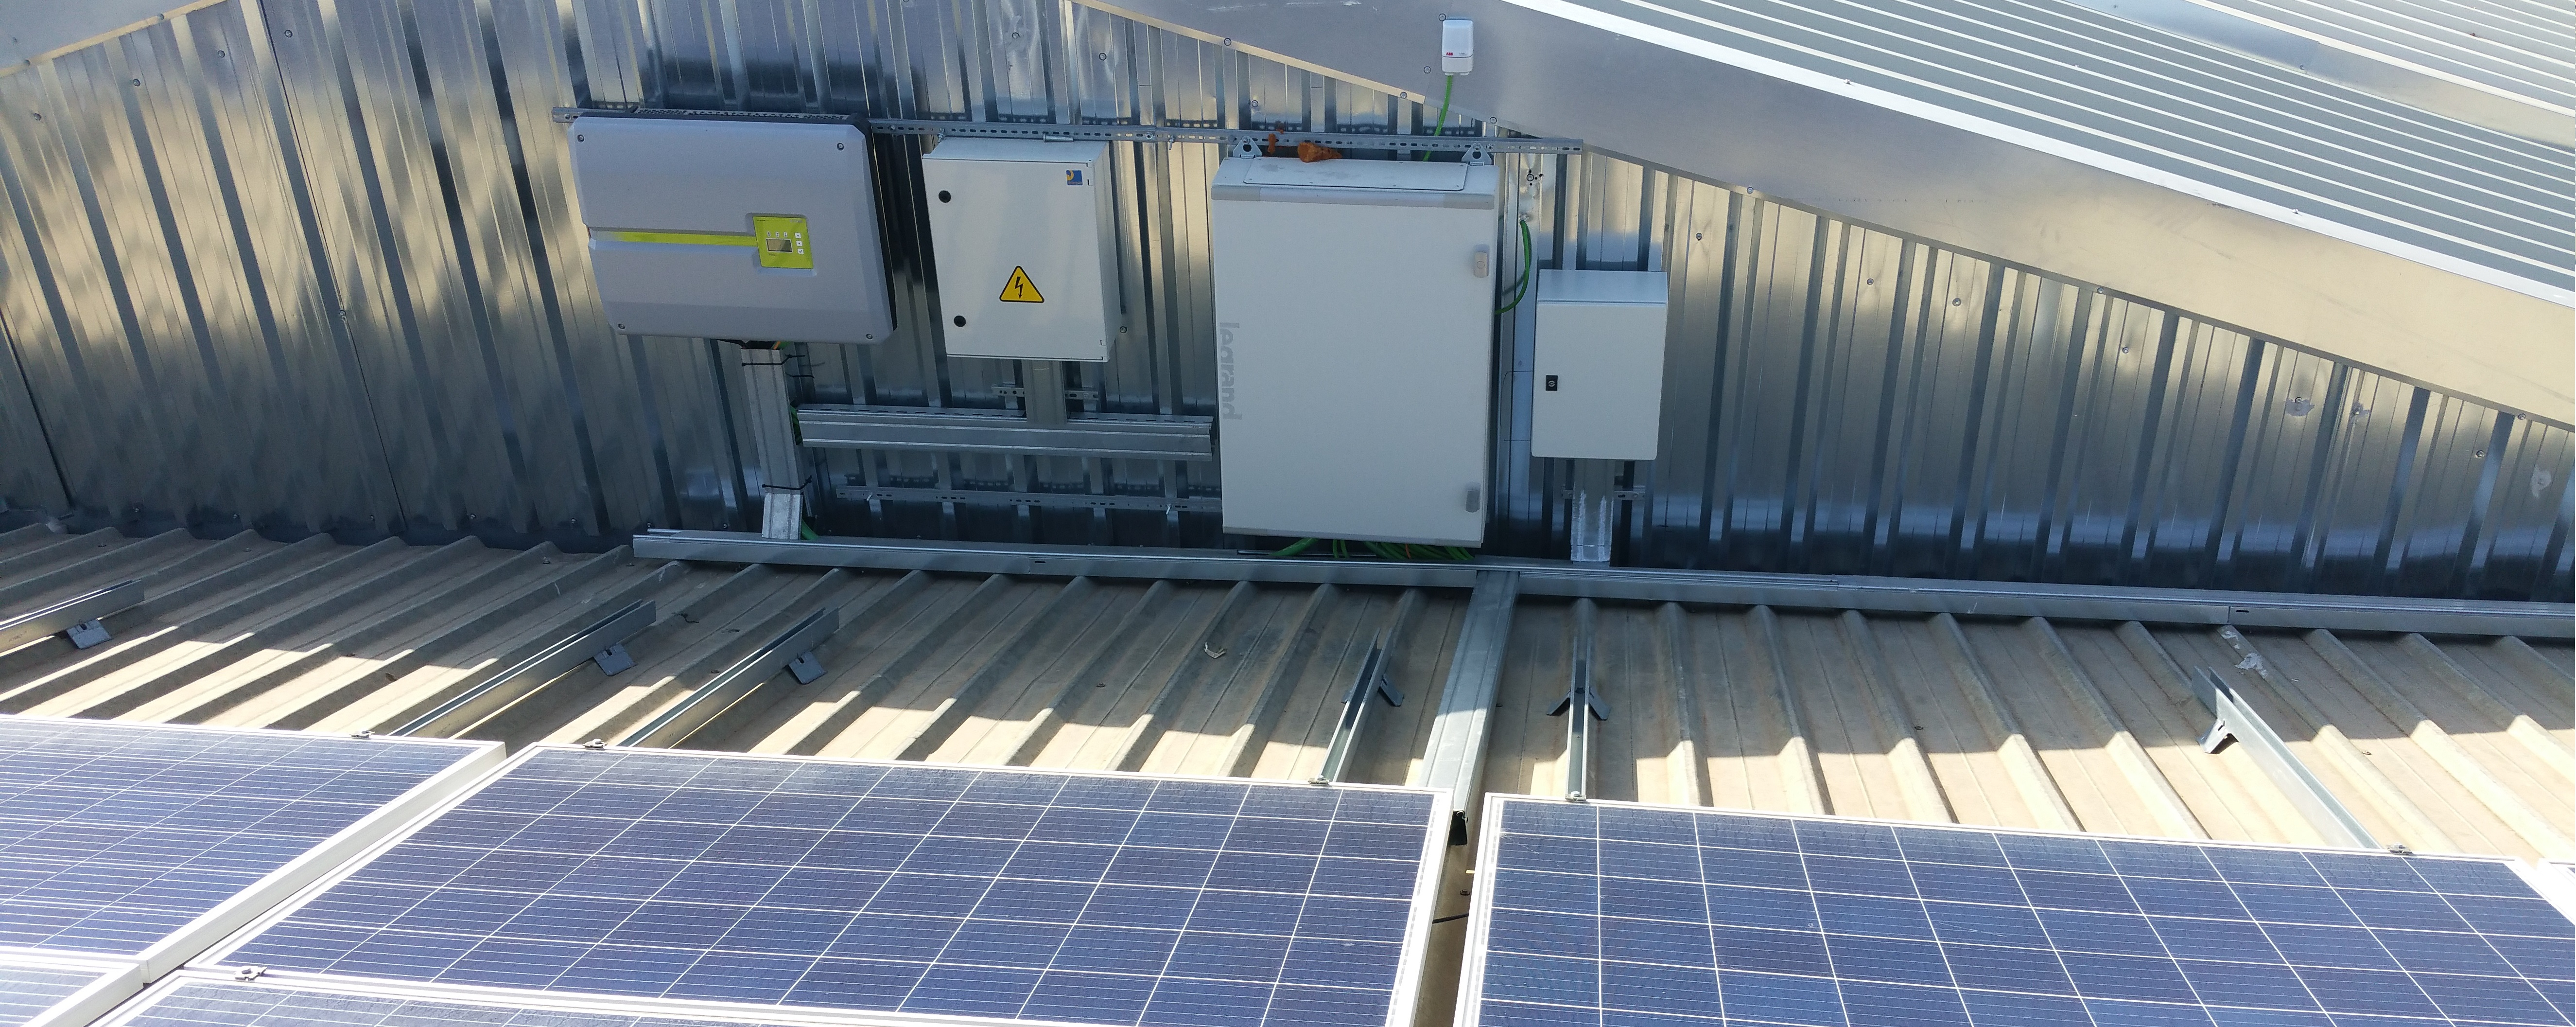 sistema de monotorización en instalaciones fotovoltaicas